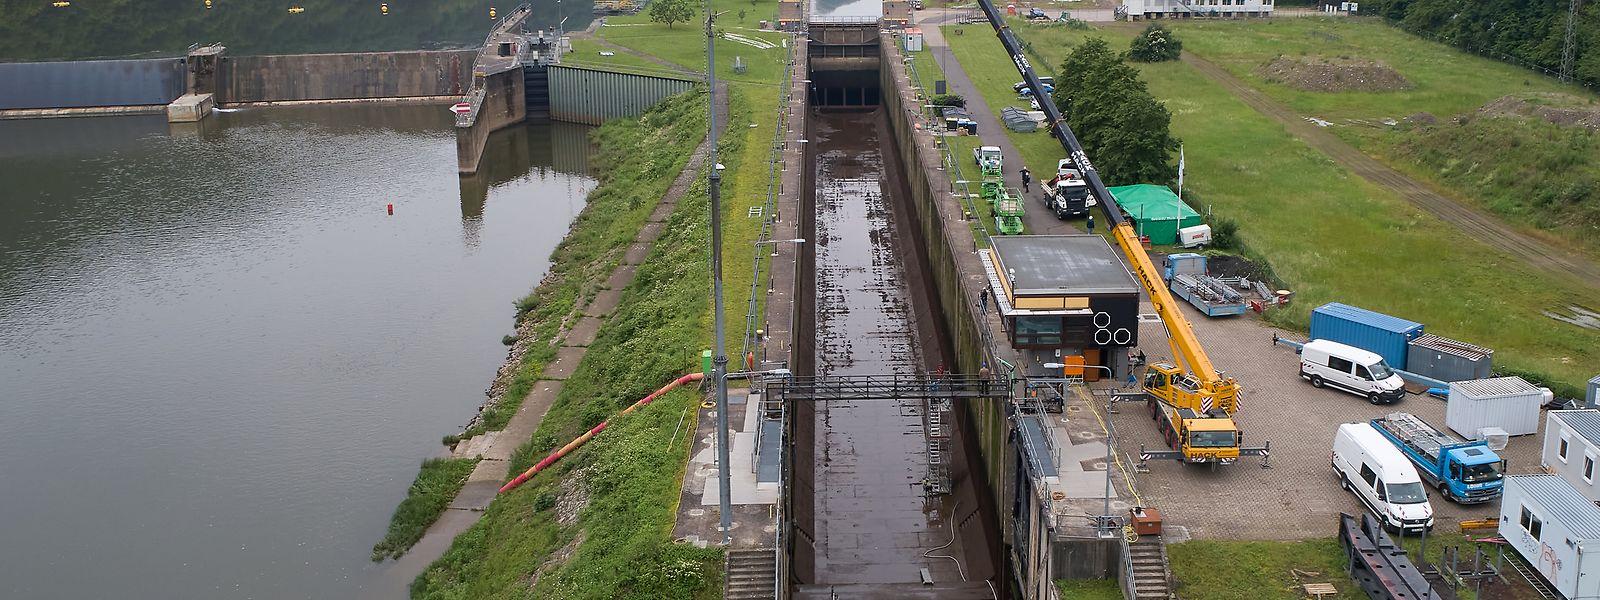 Bis zum 16. Juni werden die Schleusenkammern in Koblenz, Lehmen, Müden, Sankt Aldegund und Enkirch trockengelegt, saniert, geprüft und gereinigt.